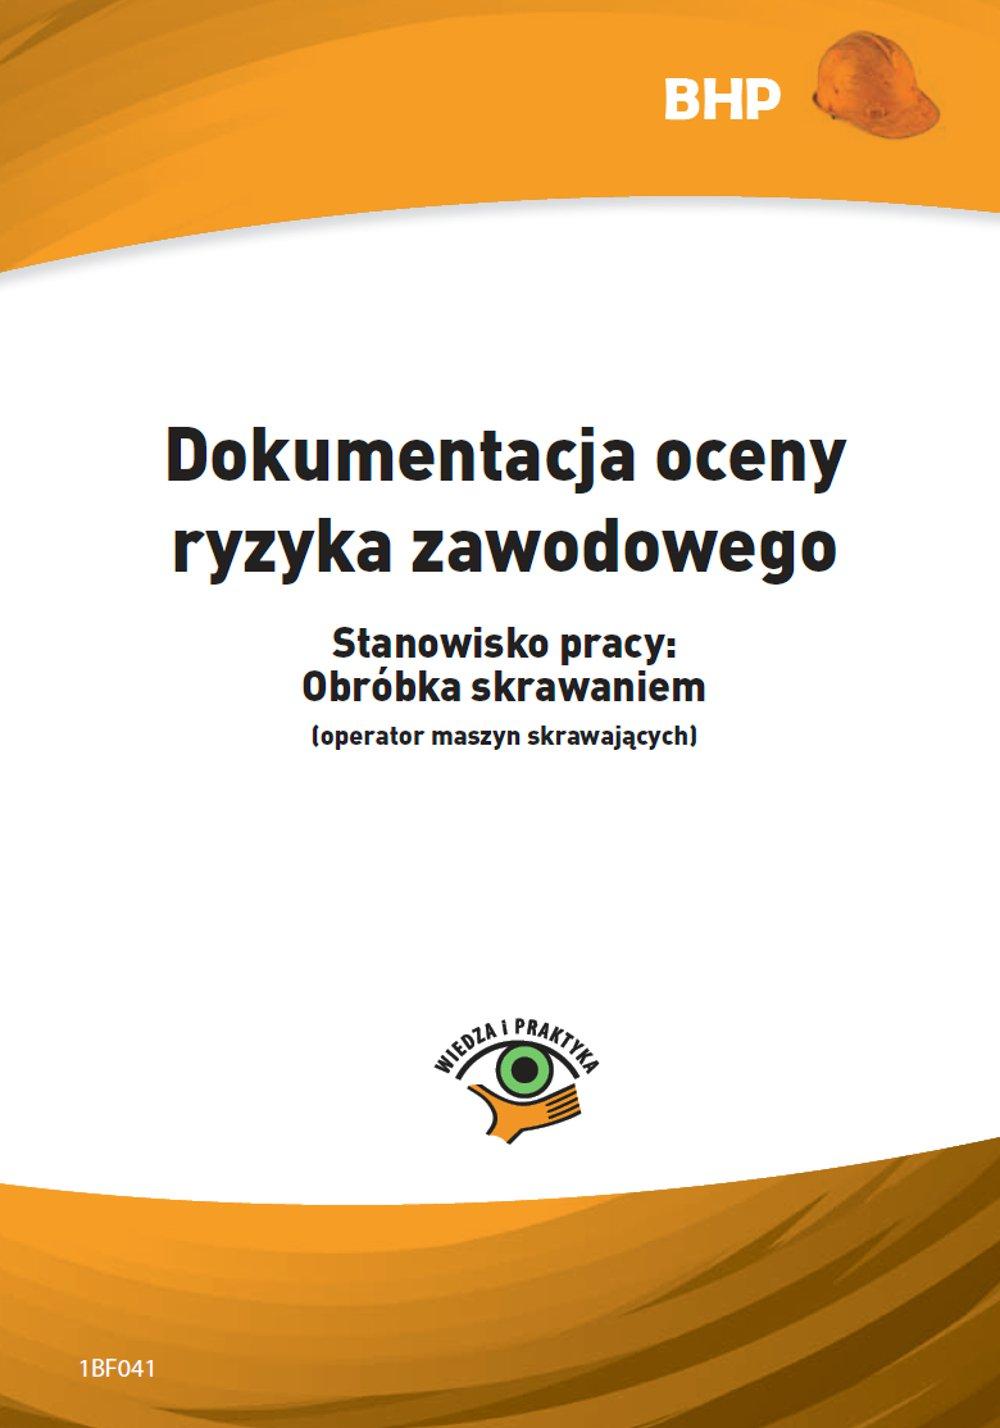 Dokumentacja oceny ryzyka zawodowego Stanowisko pracy: obróbka skrawaniem (operator maszyn skrawających) - Ebook (Książka PDF) do pobrania w formacie PDF